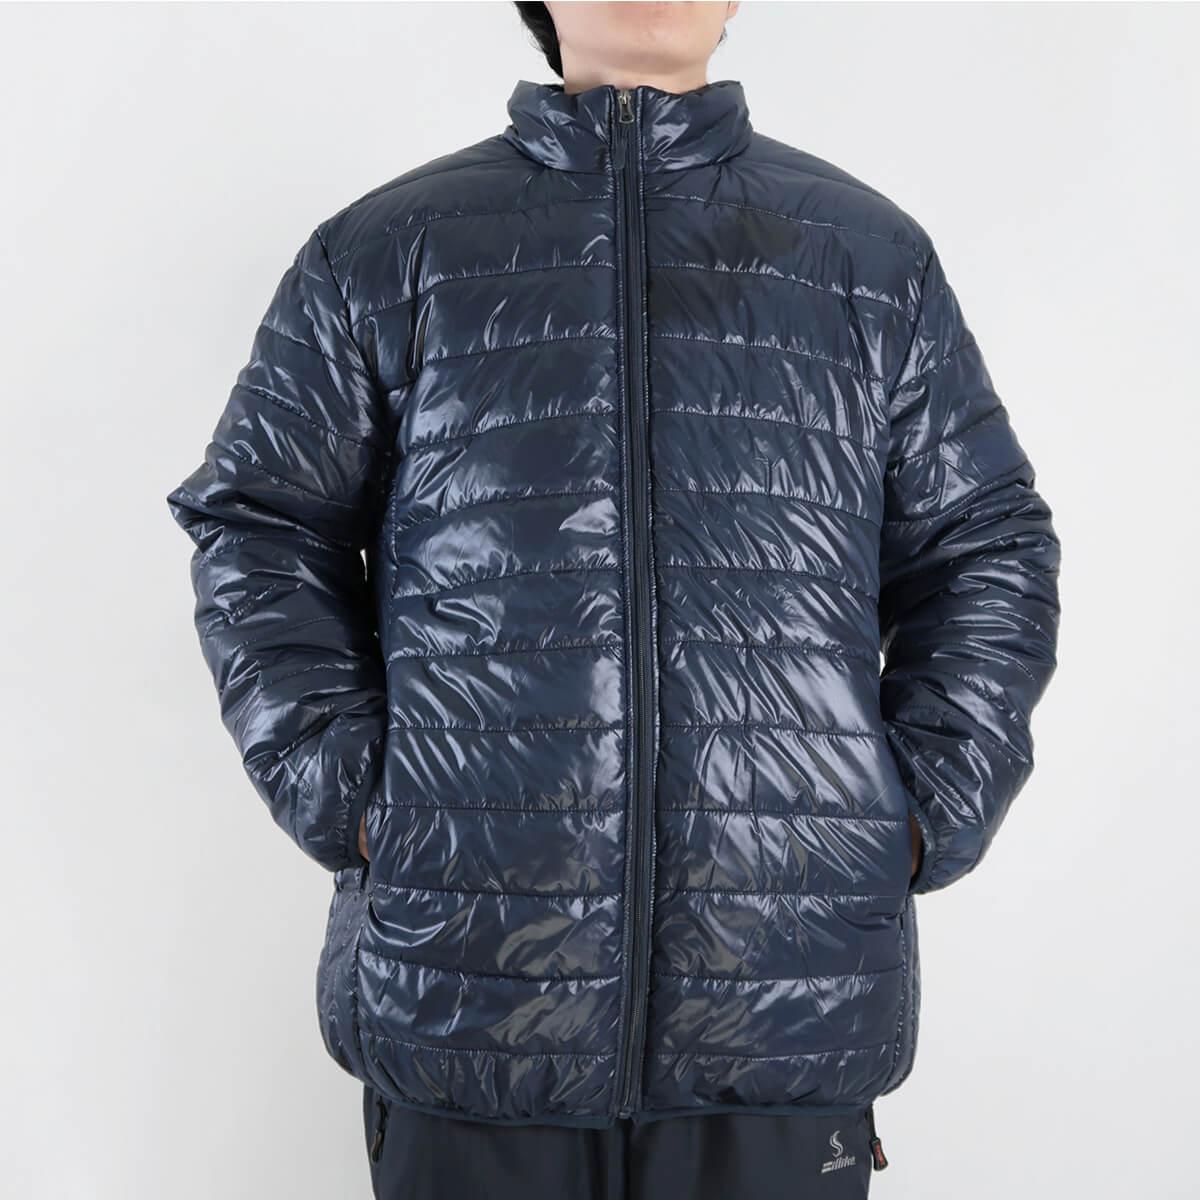 加大尺碼超輕量立領舖棉保暖外套 大尺碼夾克外套 大尺碼騎士外套 大尺碼防寒外套 大尺碼擋風外套 大尺碼休閒外套 鋪棉外套 藍色外套 黑色外套 (321-A831-08)深藍色、(321-A831-21)黑色、、(321-A831-22)灰色、(321-A830-22)灰綠色 5L 6L 7L 8L (胸圍:56~62英吋) [實體店面保障] sun-e 4